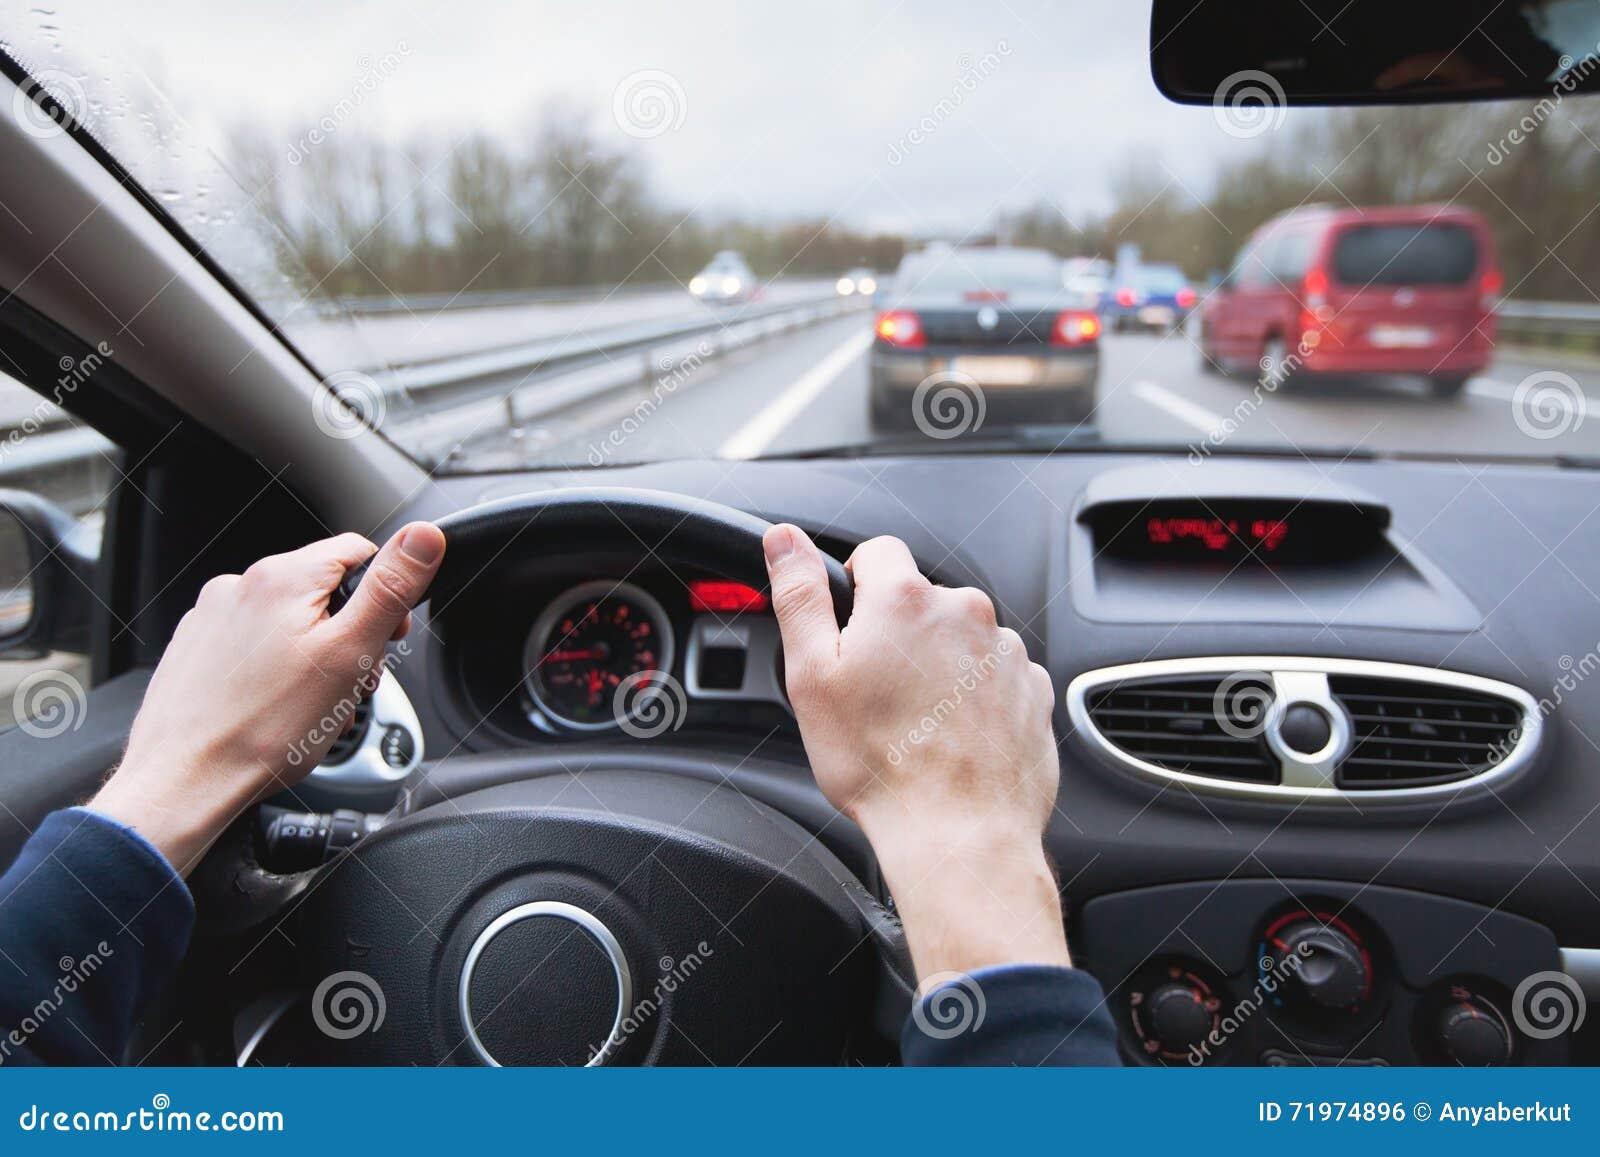 Huvudväg för bilkörning